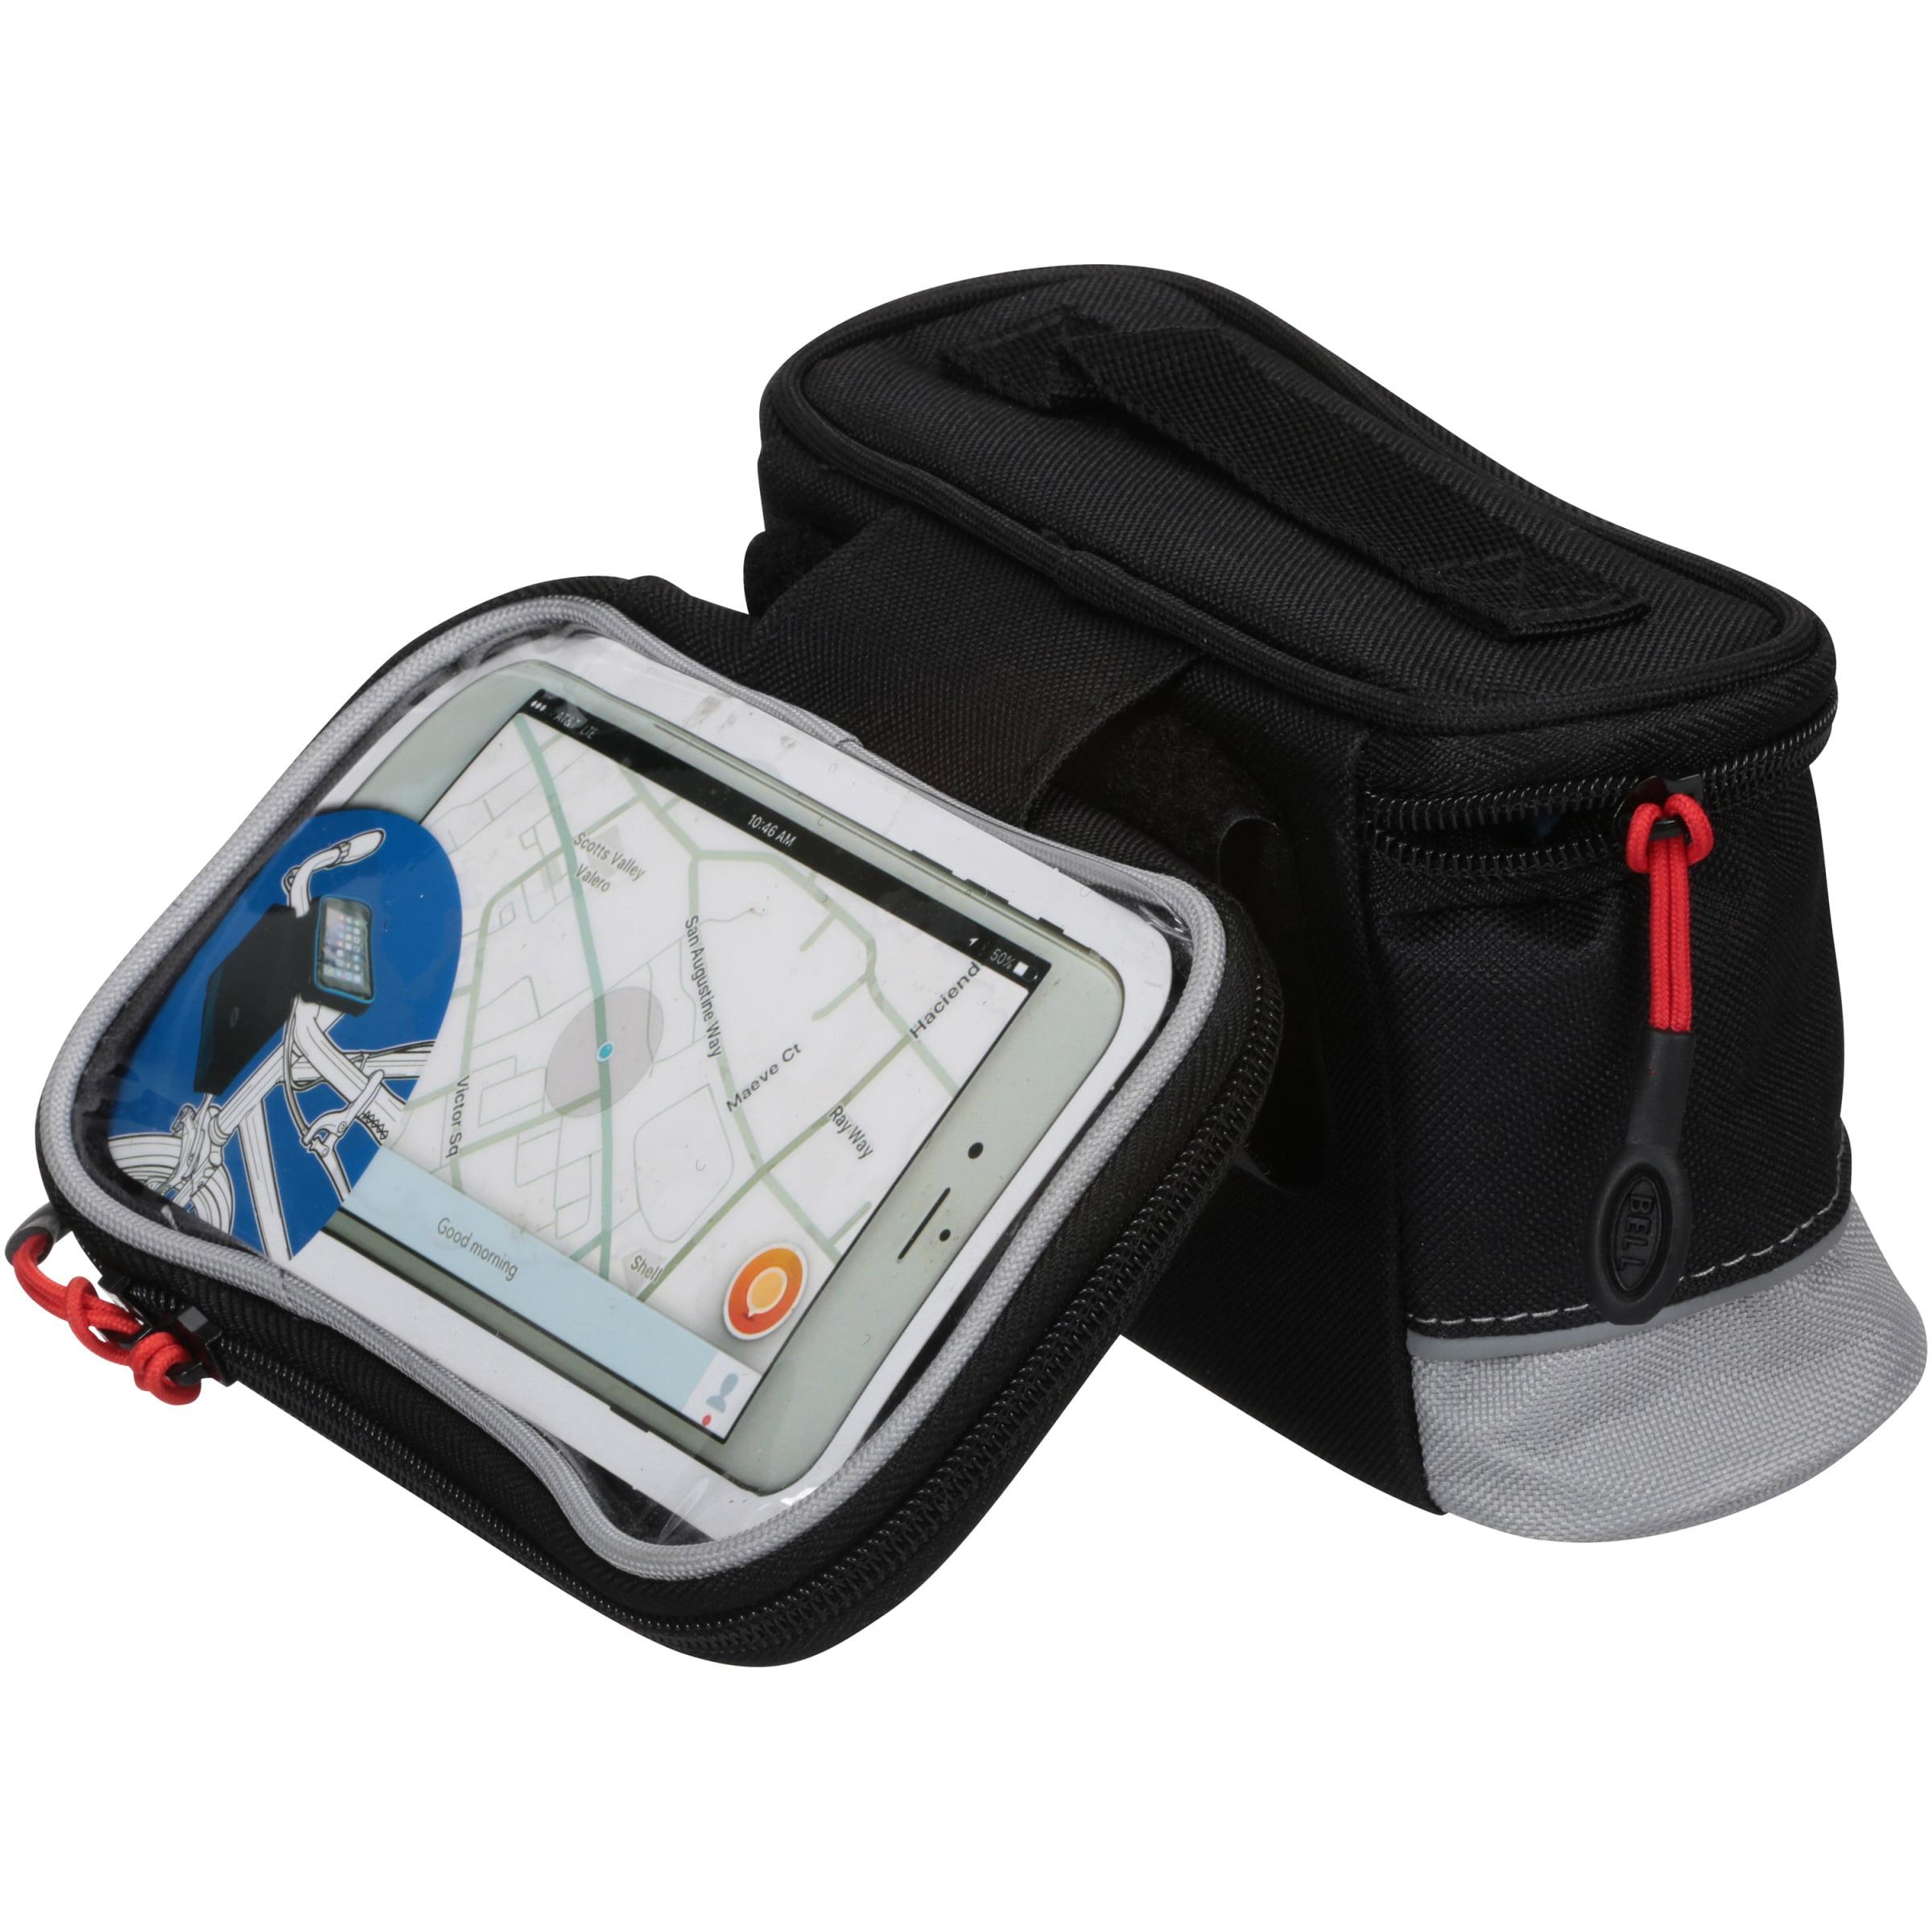 Bell® Stowaway™ 700 Phone Bicycle Handlebar Bag